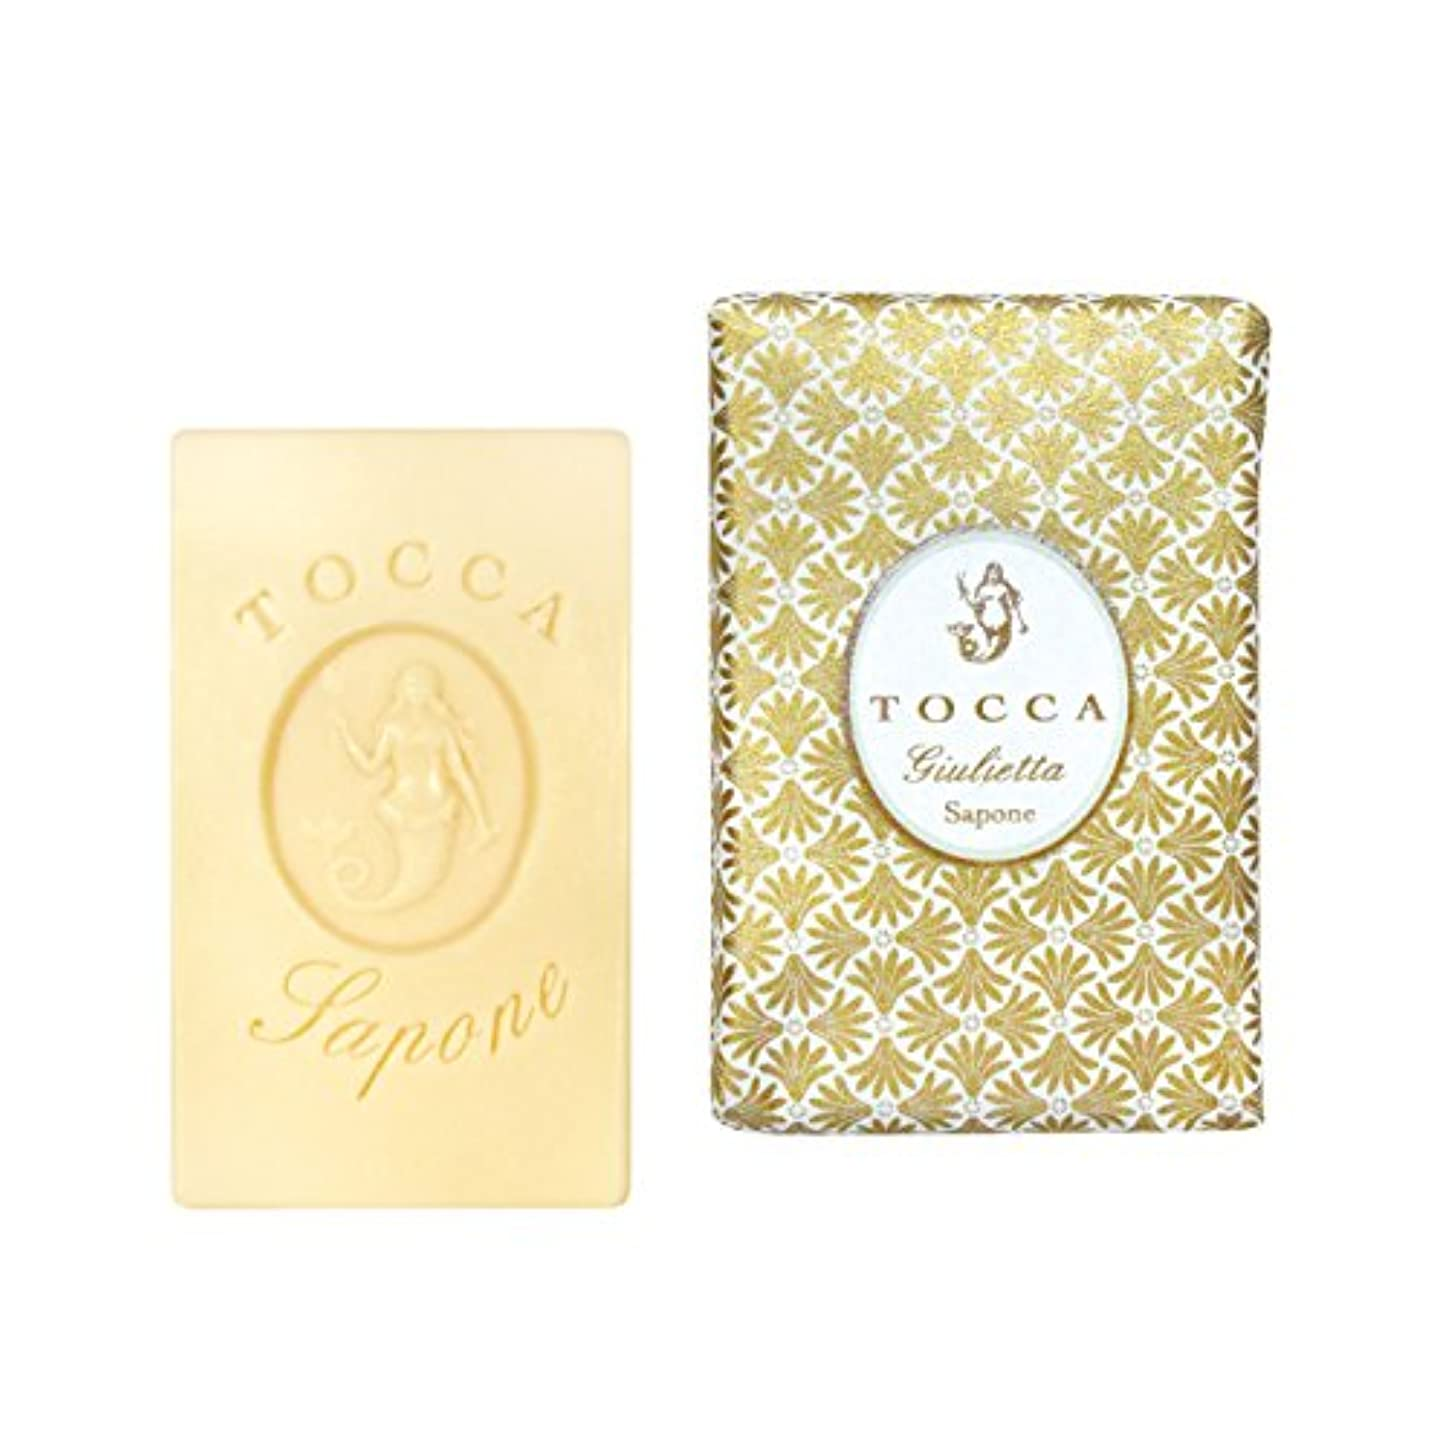 センサー美しい広告主トッカ(TOCCA) ソープバー ジュリエッタの香り 113g(化粧石けん ピンクチューリップとグリーンアップルの爽やかで甘い香り)